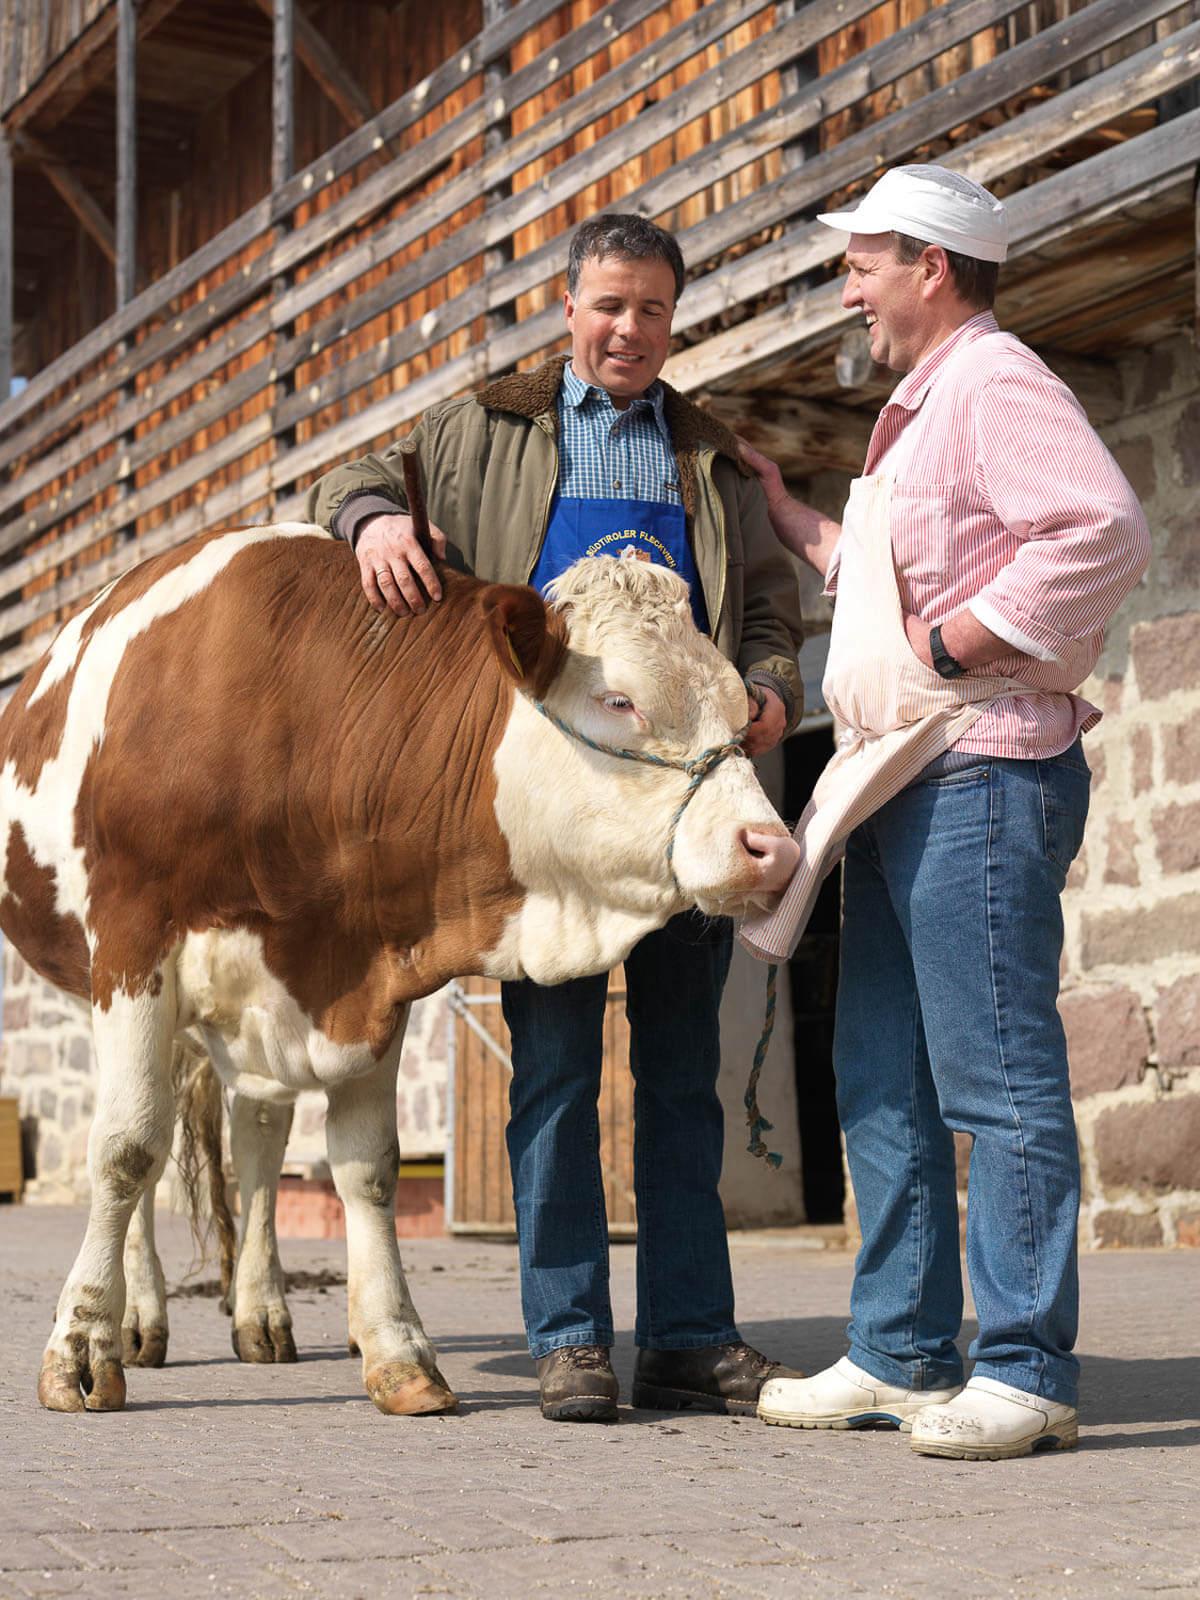 Metzgerei Silbernagl beim Einkauf einheimischer Rinder